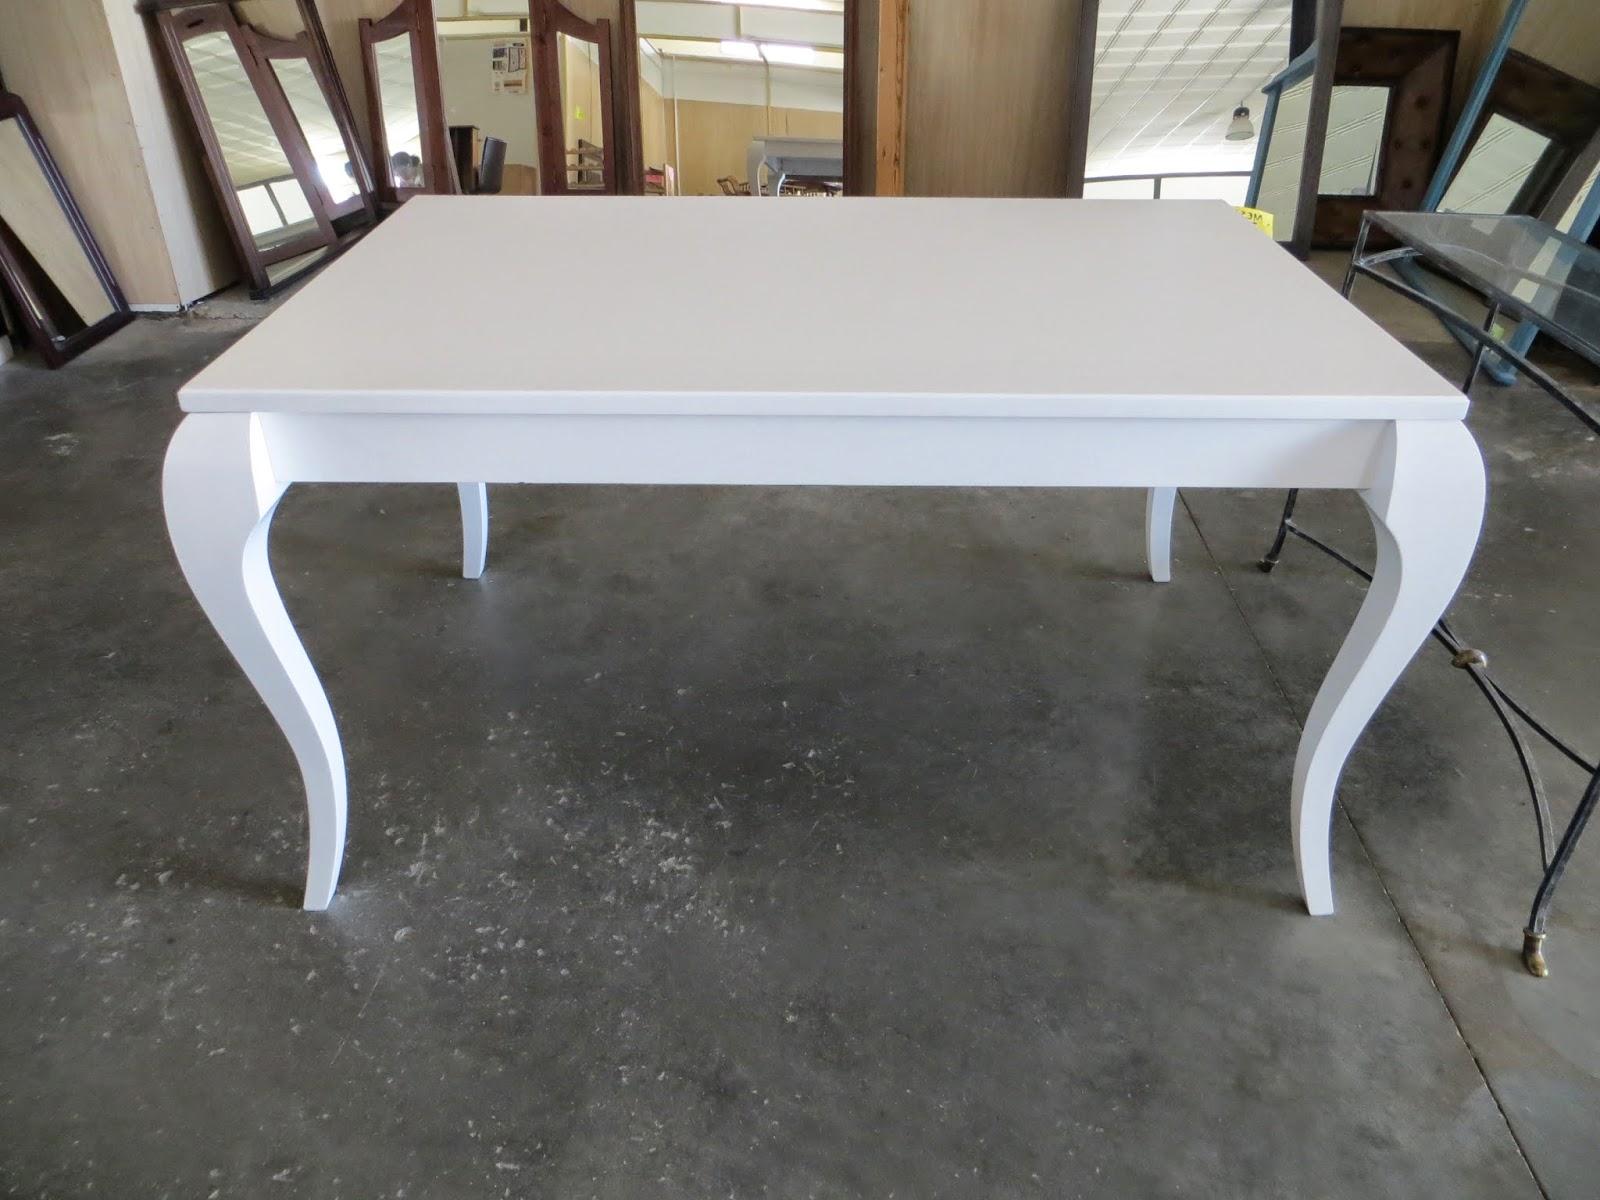 Muebles y art culos de decoraci n a precios chollo mesa for Mesa de exterior blanca